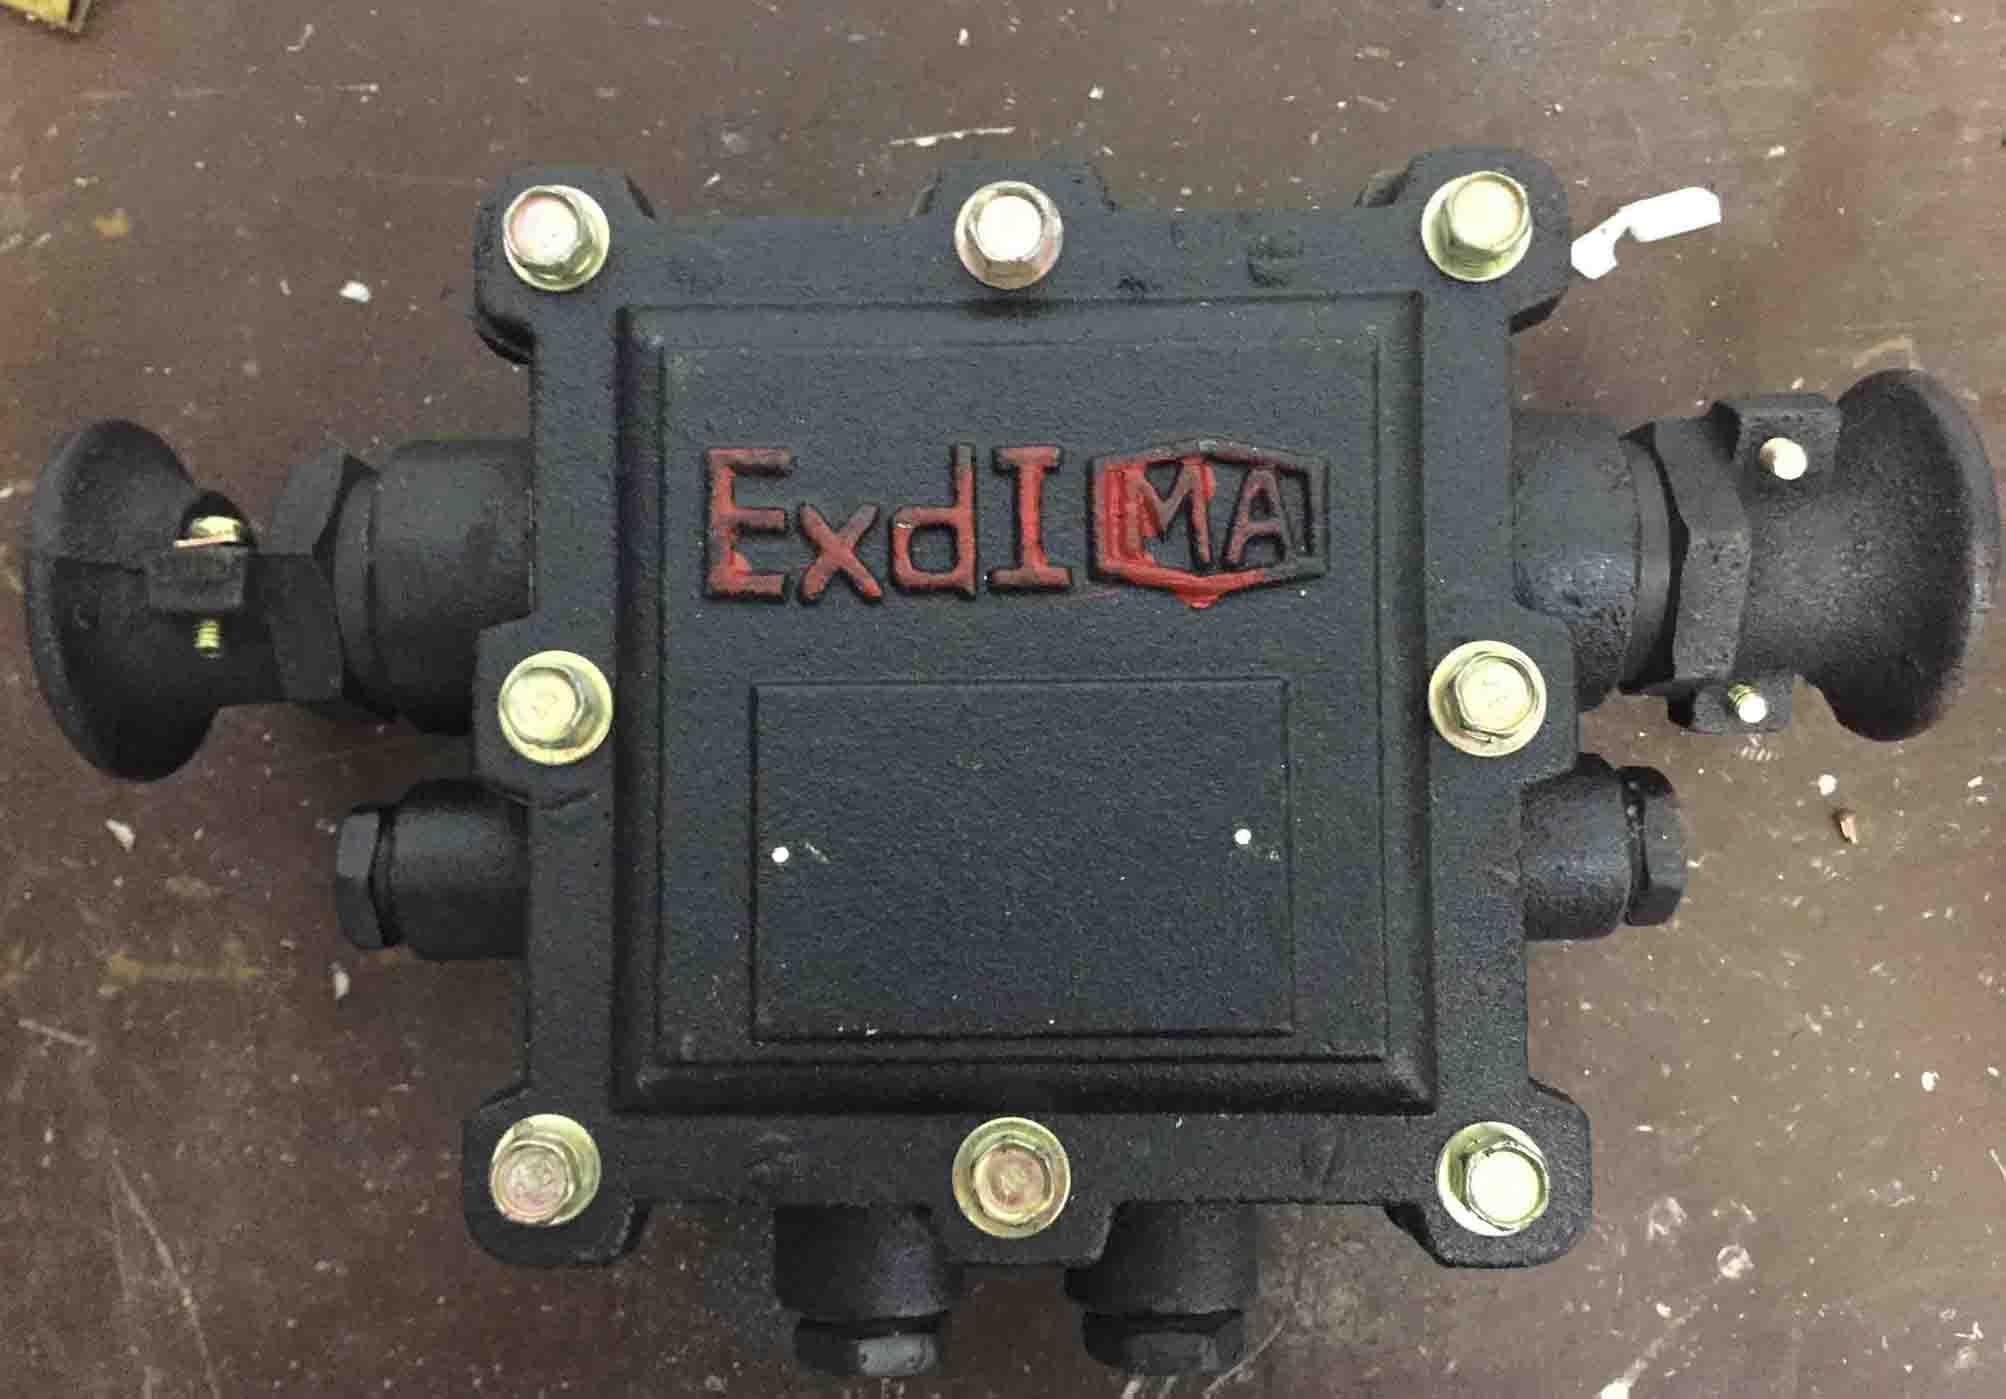 bhd2-20/127-6t 接线盒 低压电缆